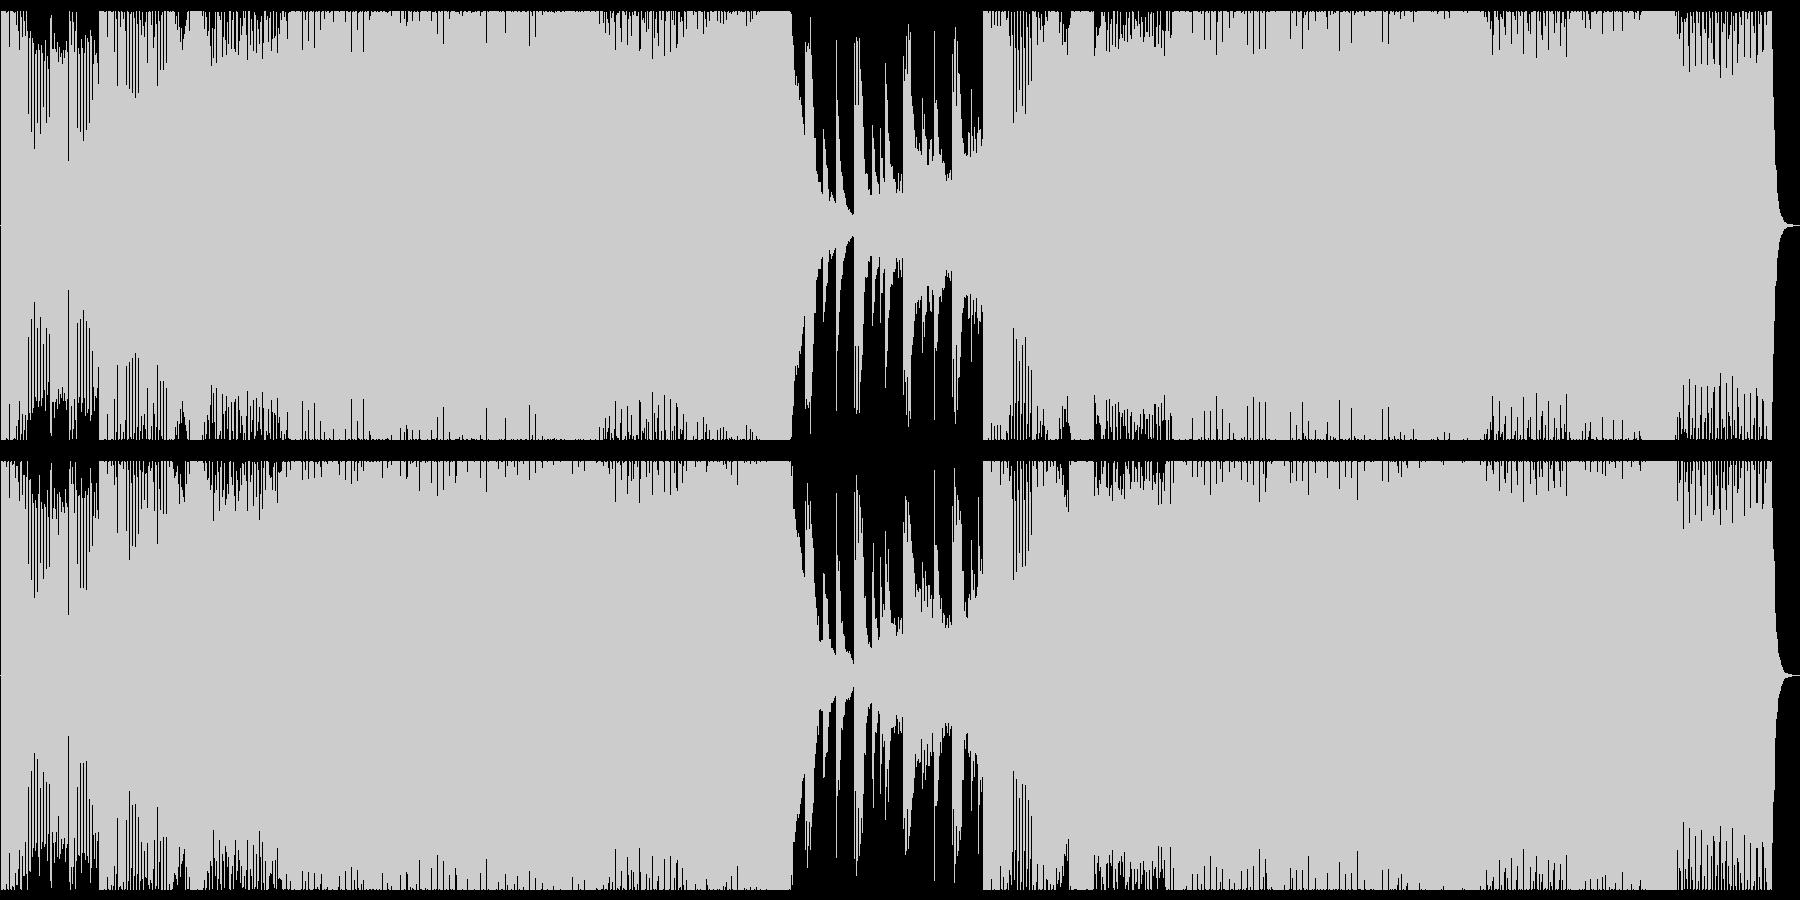 かっこいいスピード感あるEDMの未再生の波形